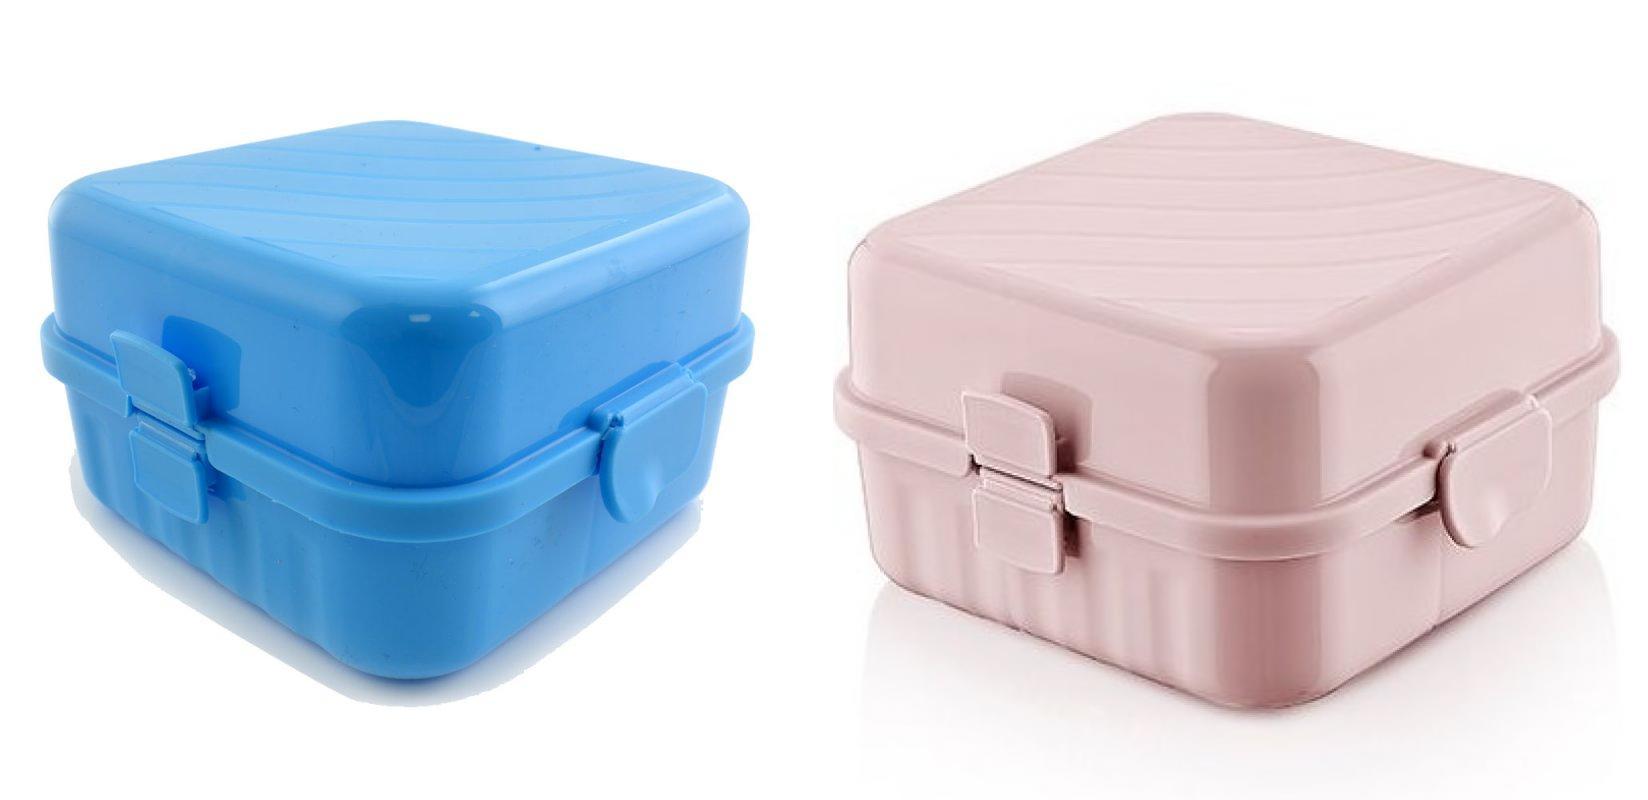 2er set lunchbox blau und rosa mit 4 f cher kinder vesperdose brotdose vesperbox ebay. Black Bedroom Furniture Sets. Home Design Ideas